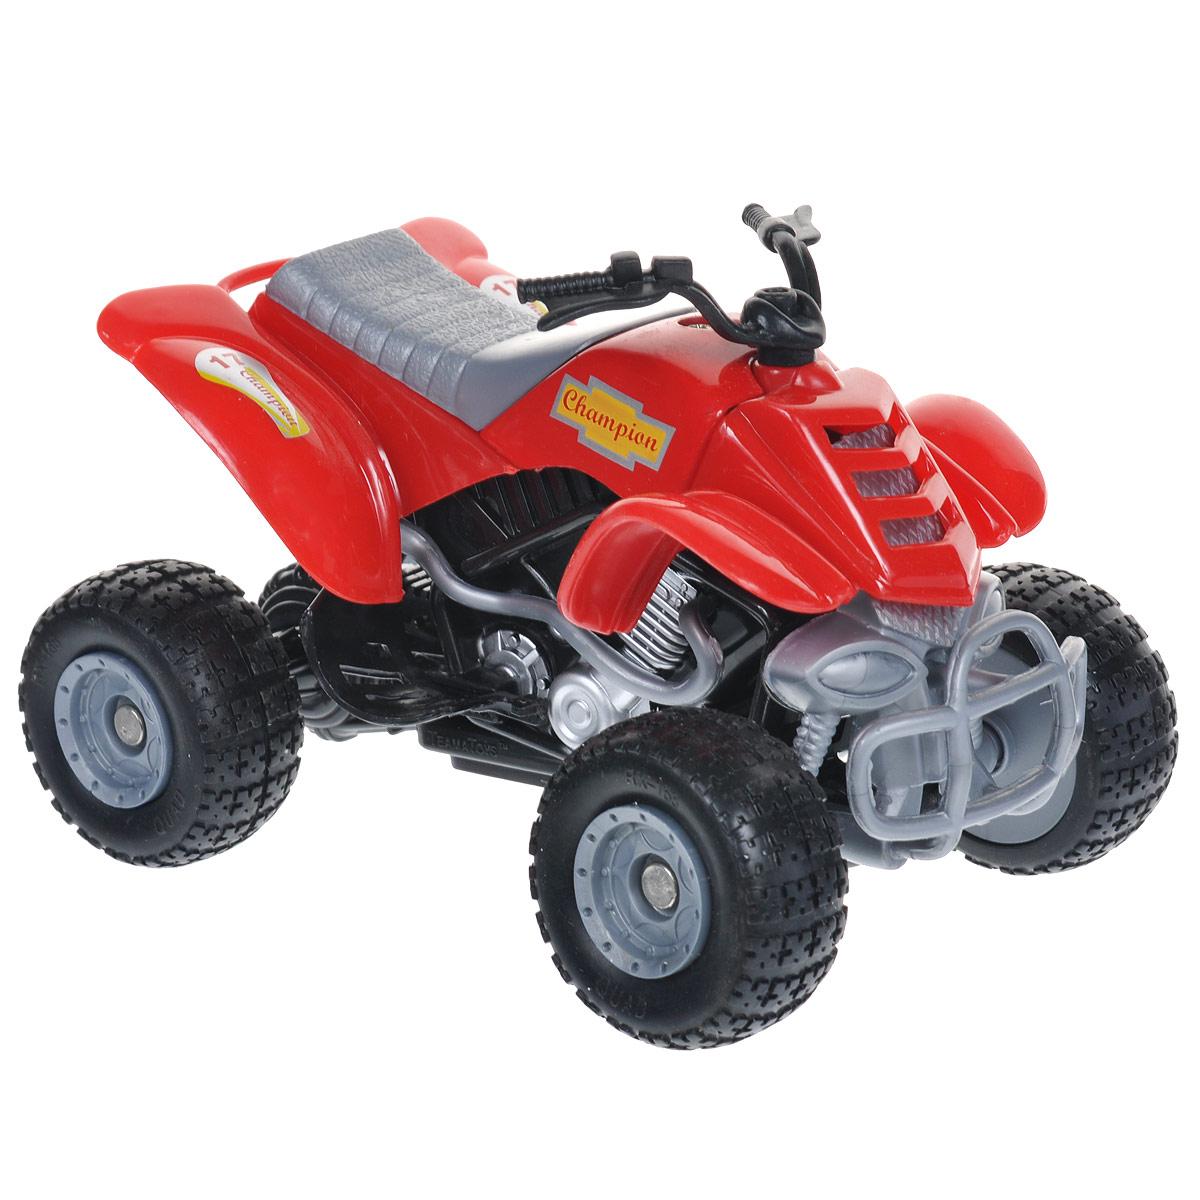 Autotime Коллекционная модель  Мотоцикл Quadrobike Monster , цвет: красный